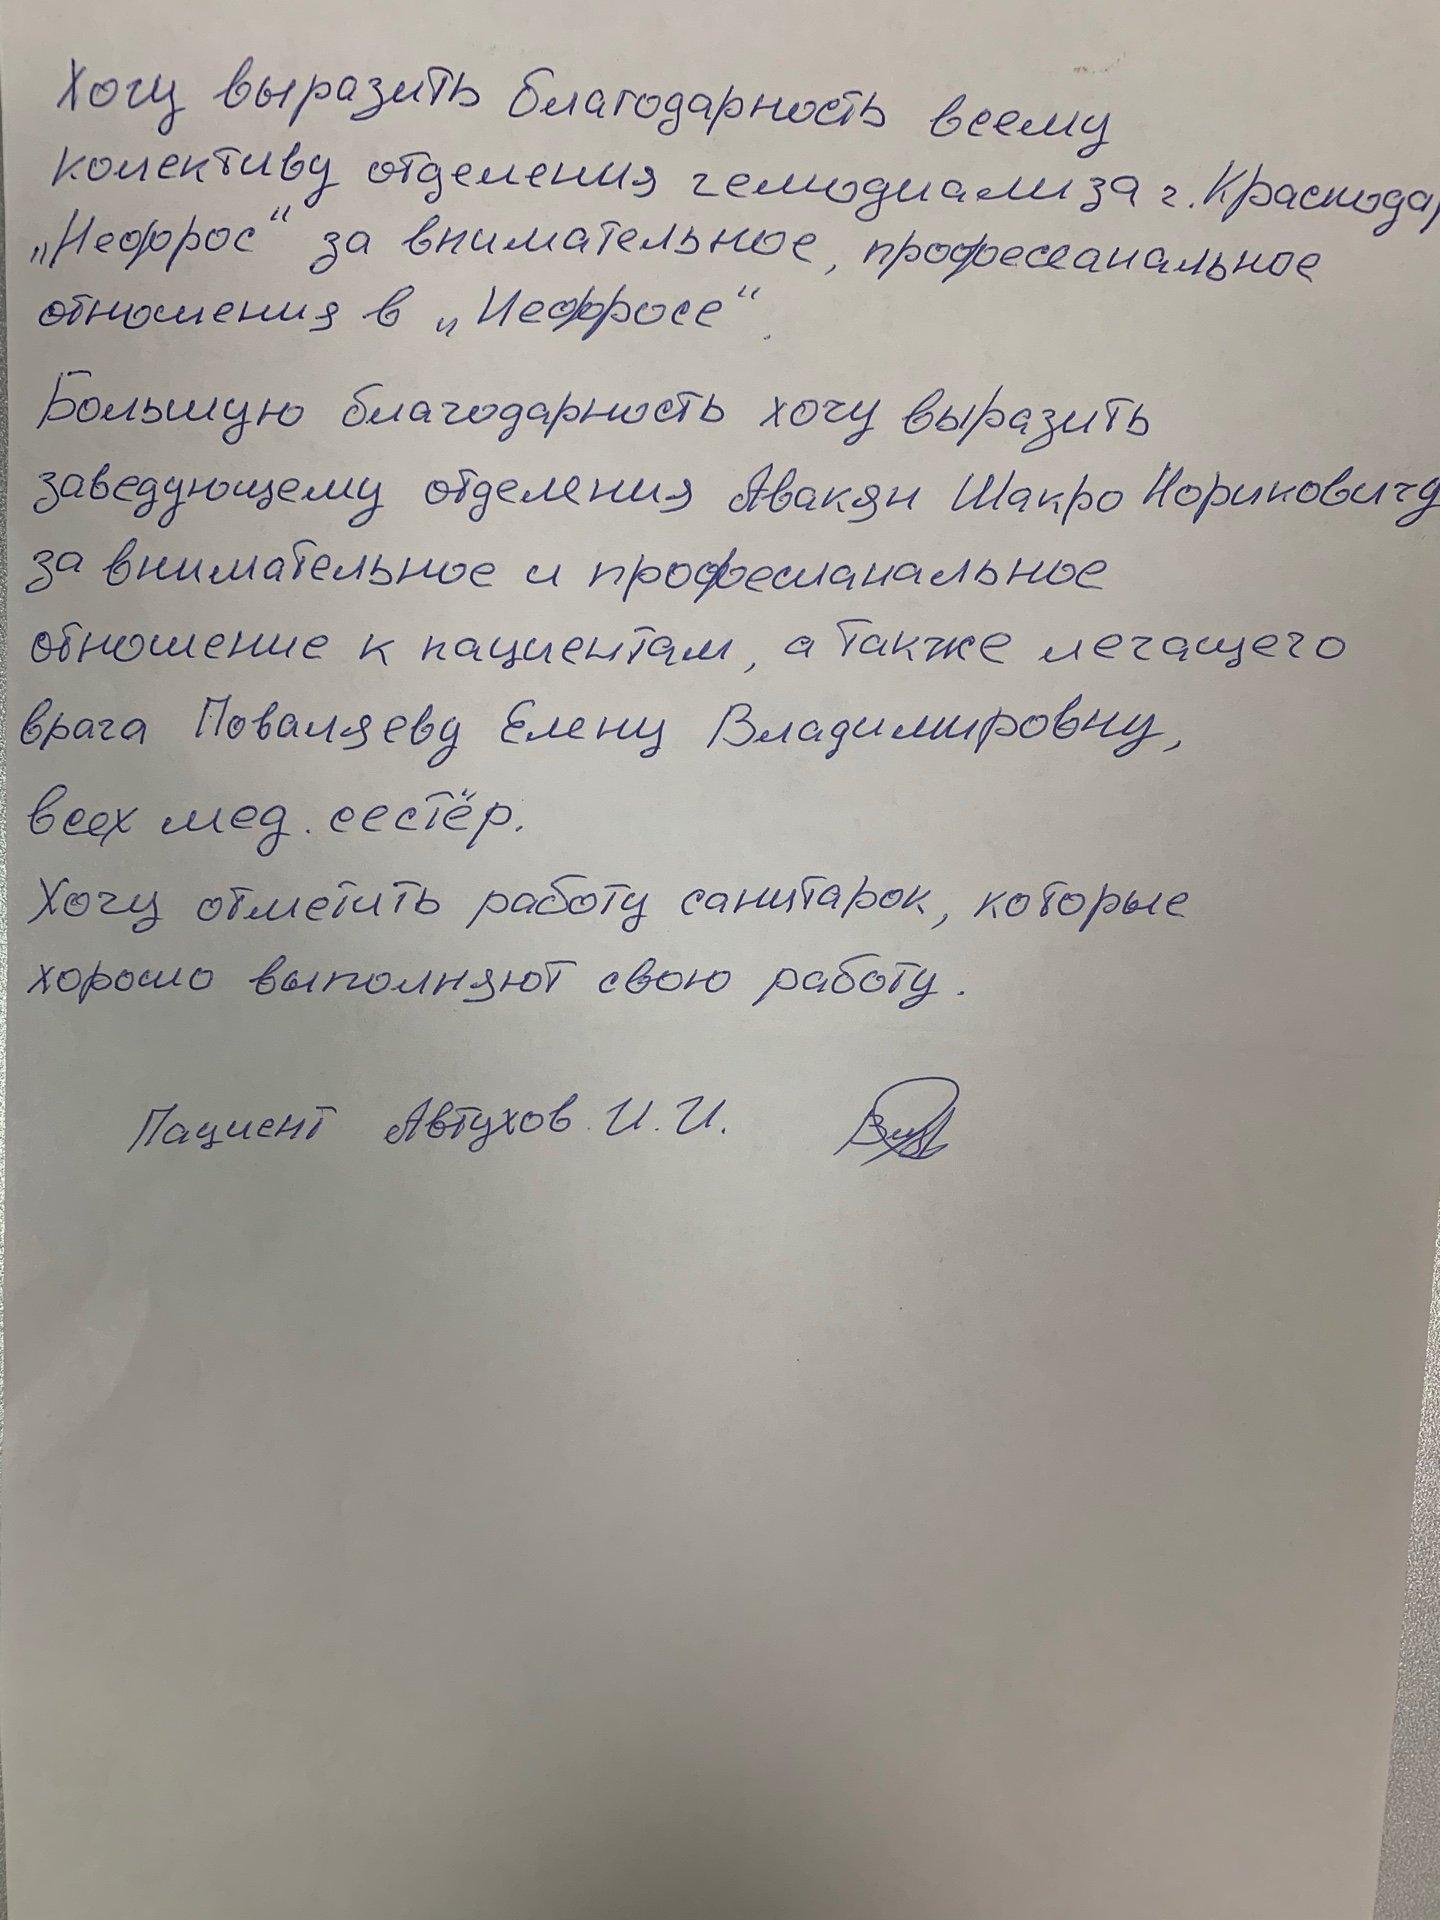 Хочу выразить благодарность всему коллективу отделения гемодиализа г. Краснодара НЕФРОС за внимательное, профессиональное отношения!